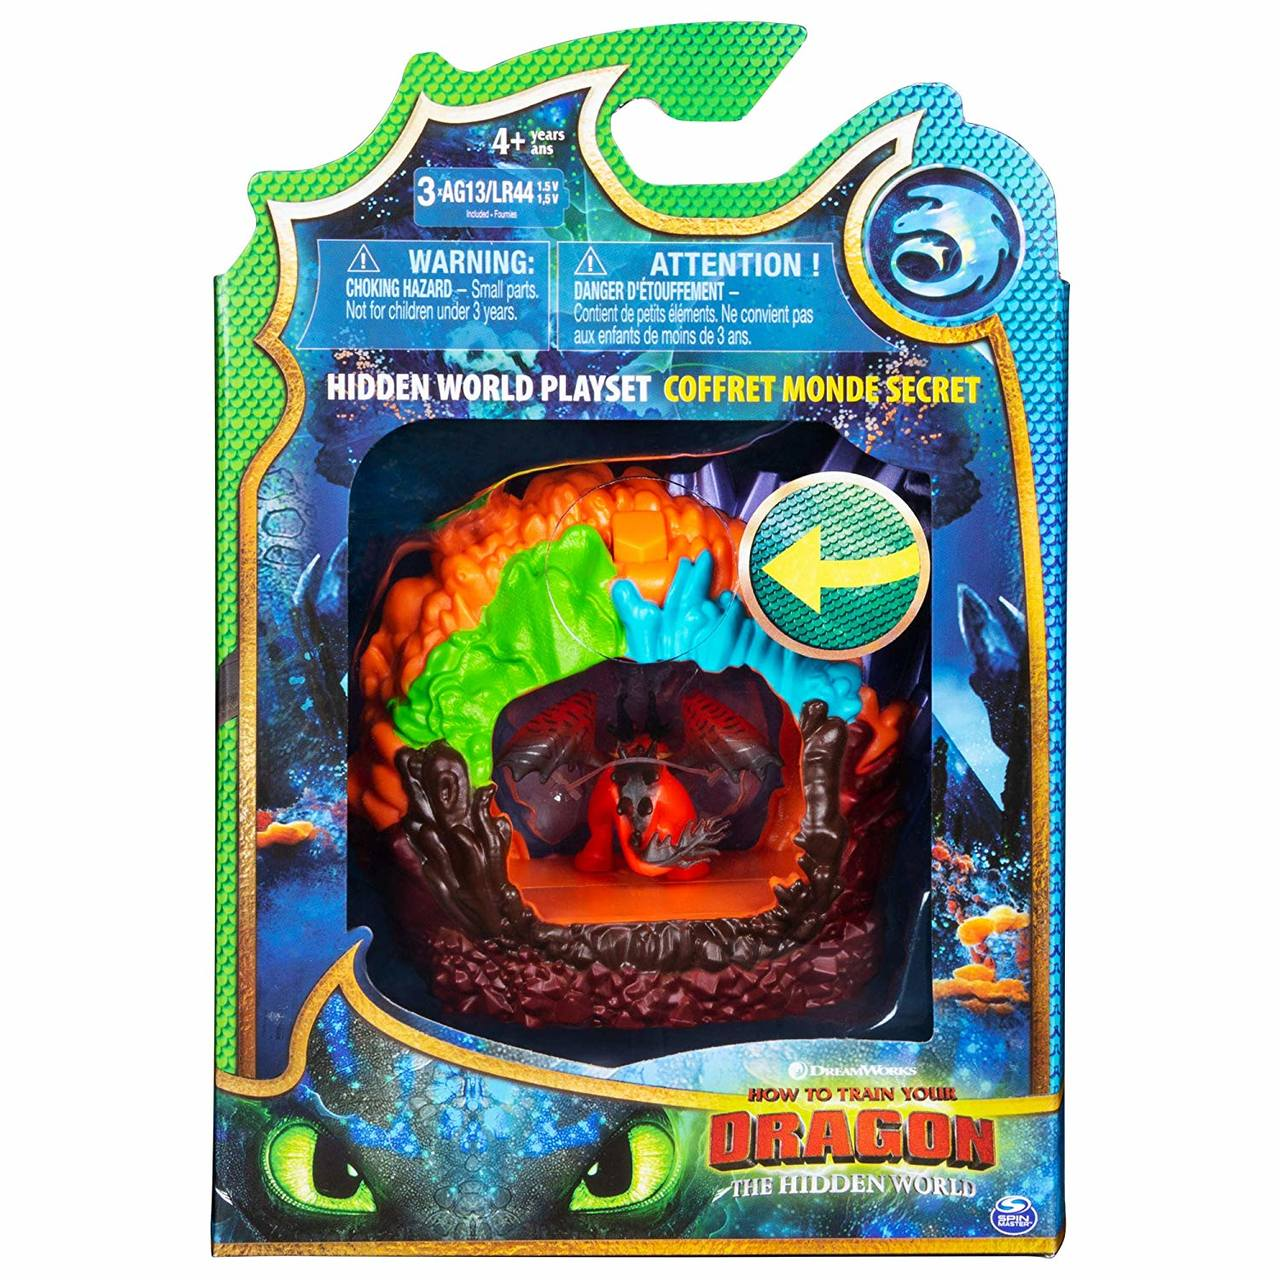 Como Treinar Seu Dragão 3 - Playset Caverna Do Dragão 1